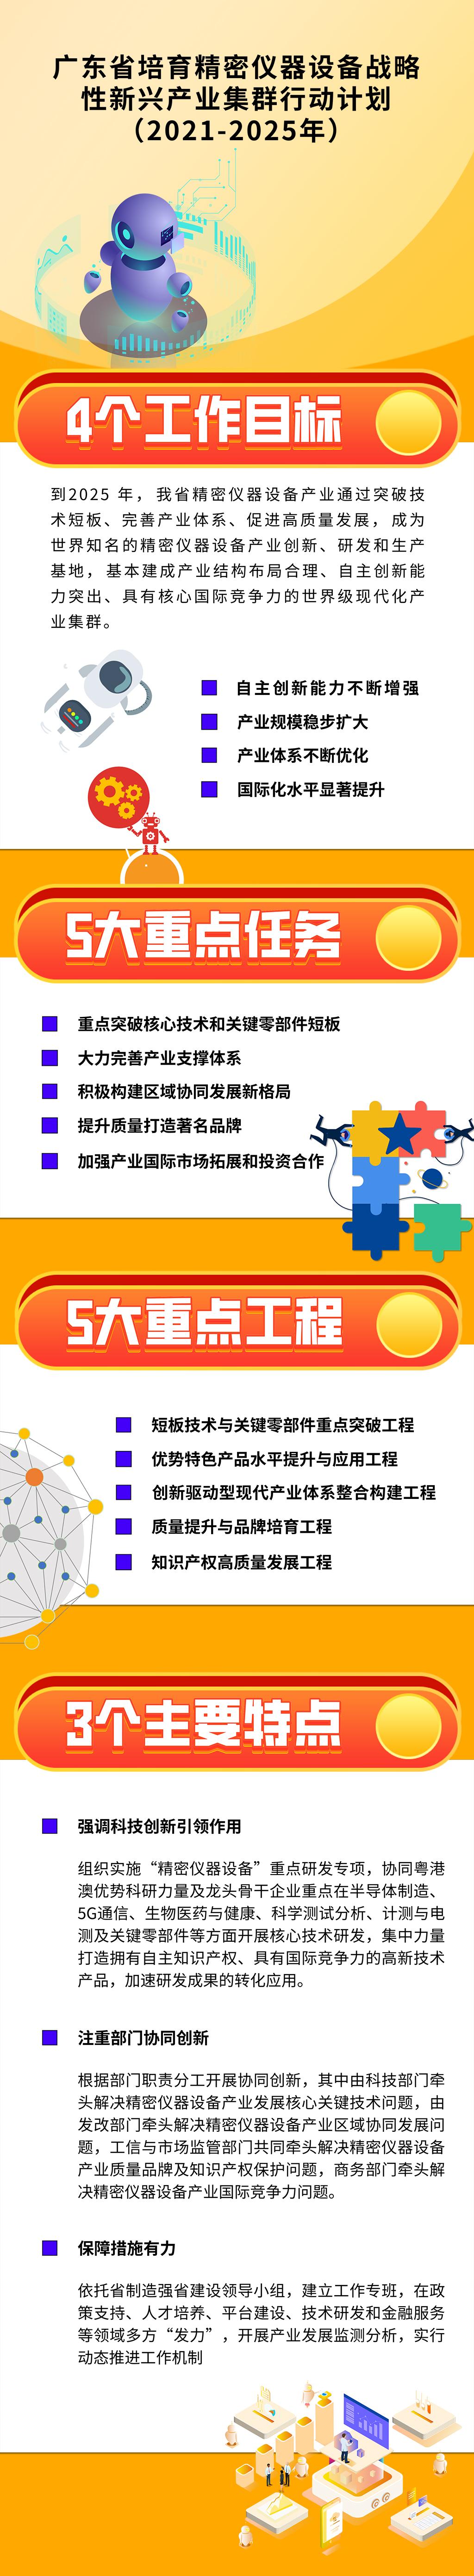 图解:《广东省培育精密仪器设备战略性新兴产业集群行动计划(2021-2025年)》.jpg